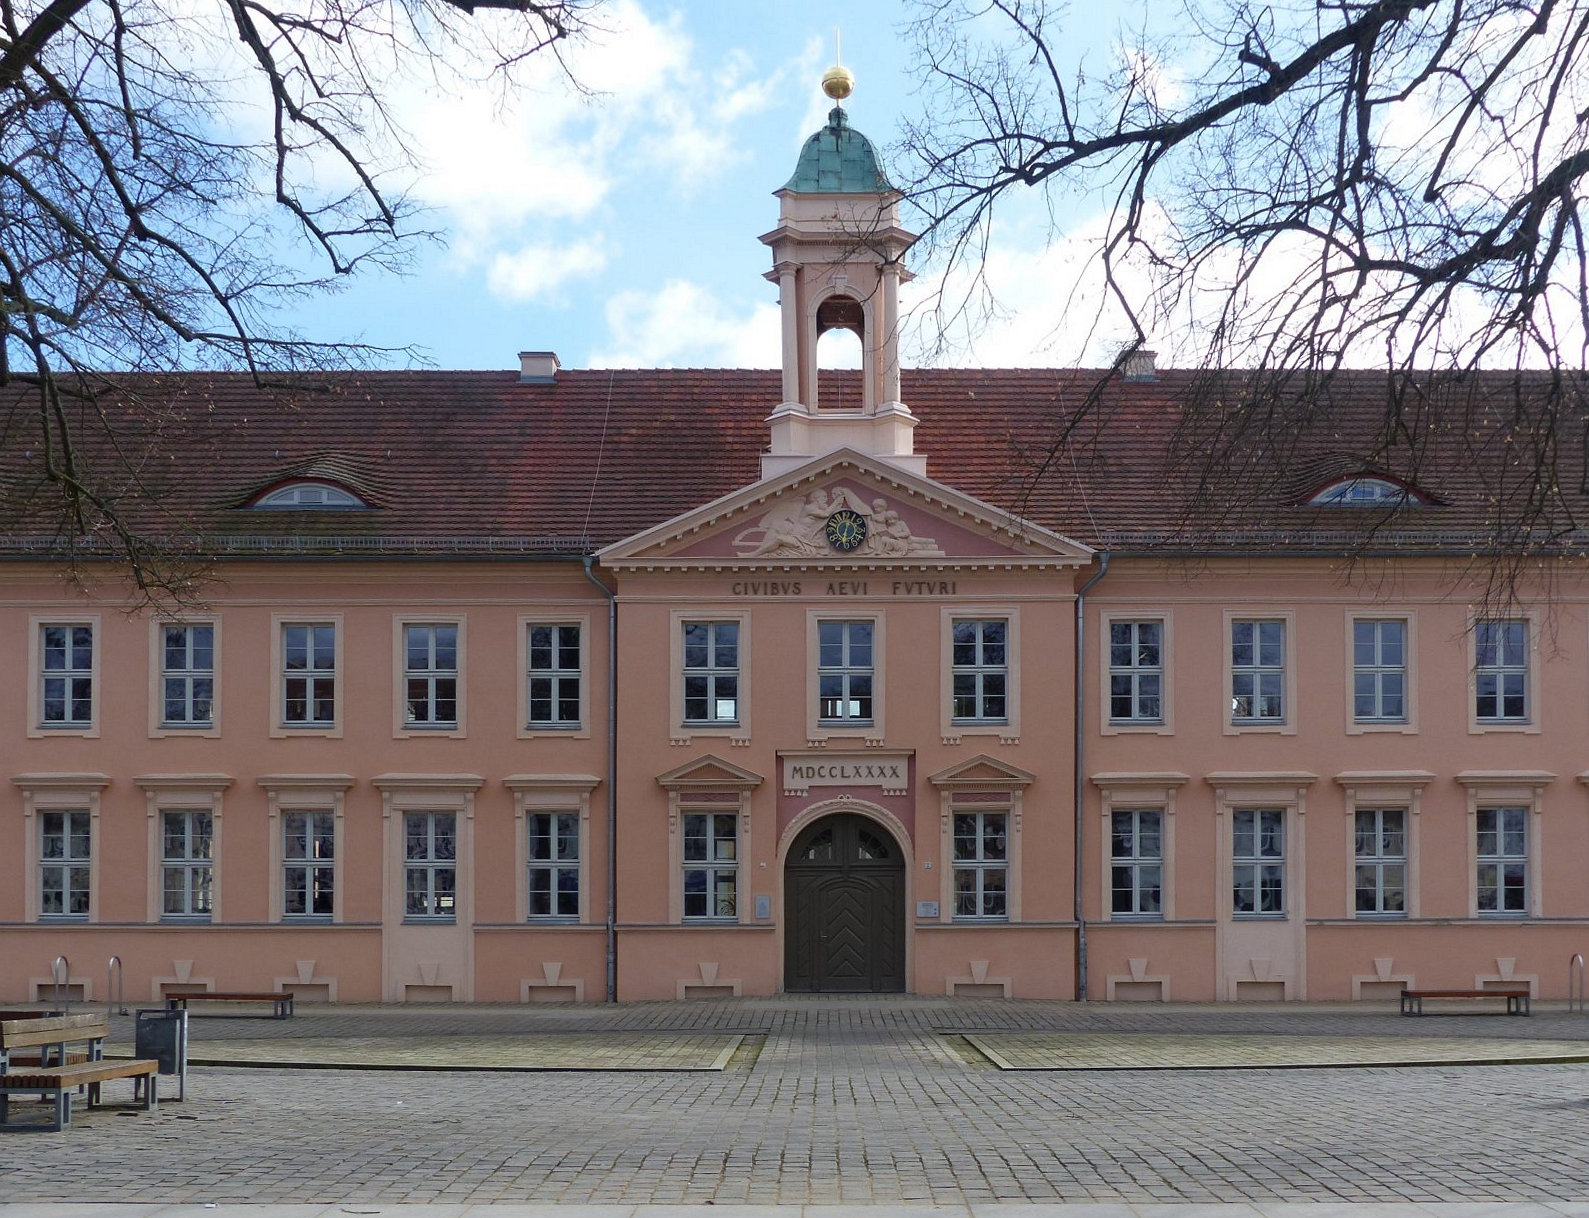 Von Oktober 1832 bis September 1833 besuchte Theodor Fontane das Neuruppiner Friedrich-Wilhelms-Gymnasium. Foto : Weirauch